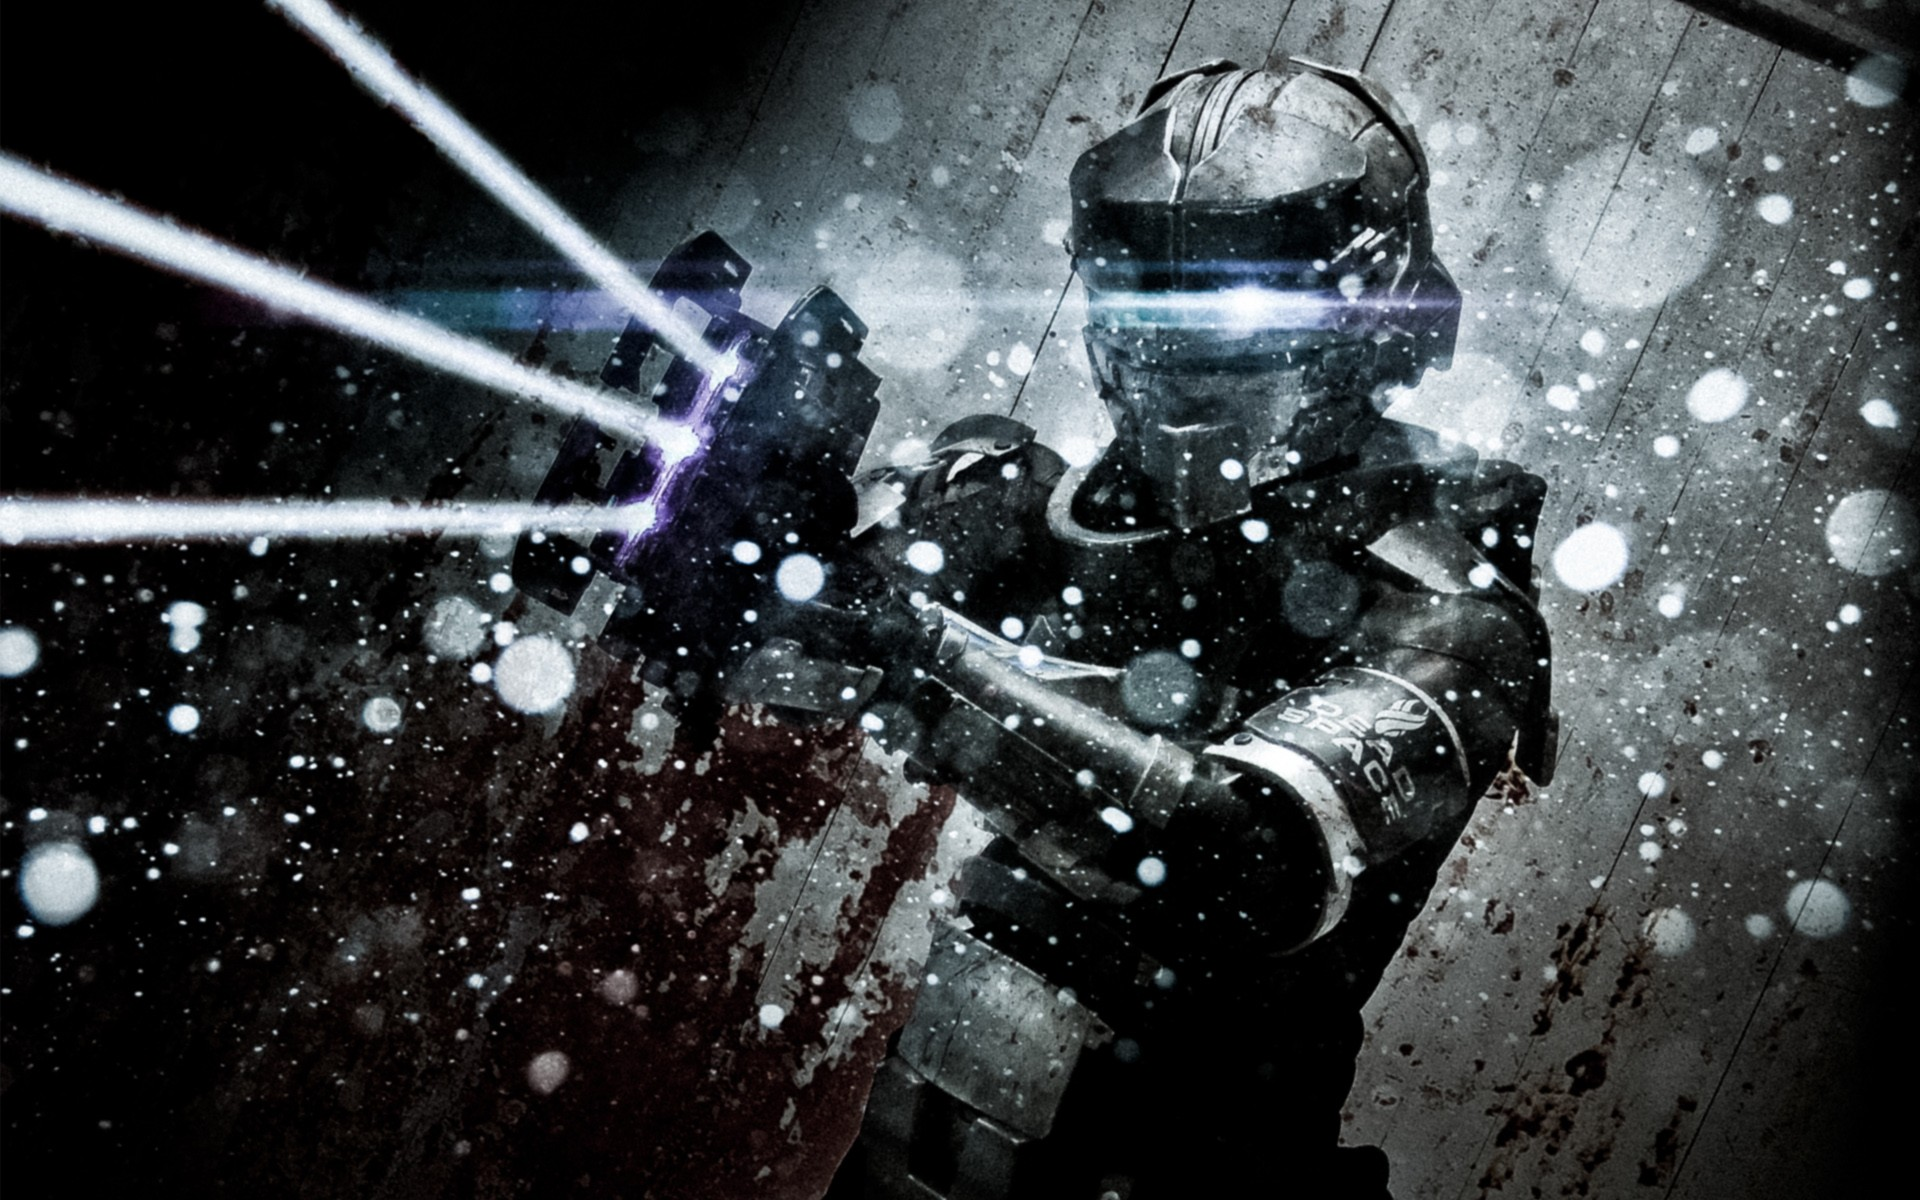 Обои, скриншоты, wallpspers на современные игры 2013 года